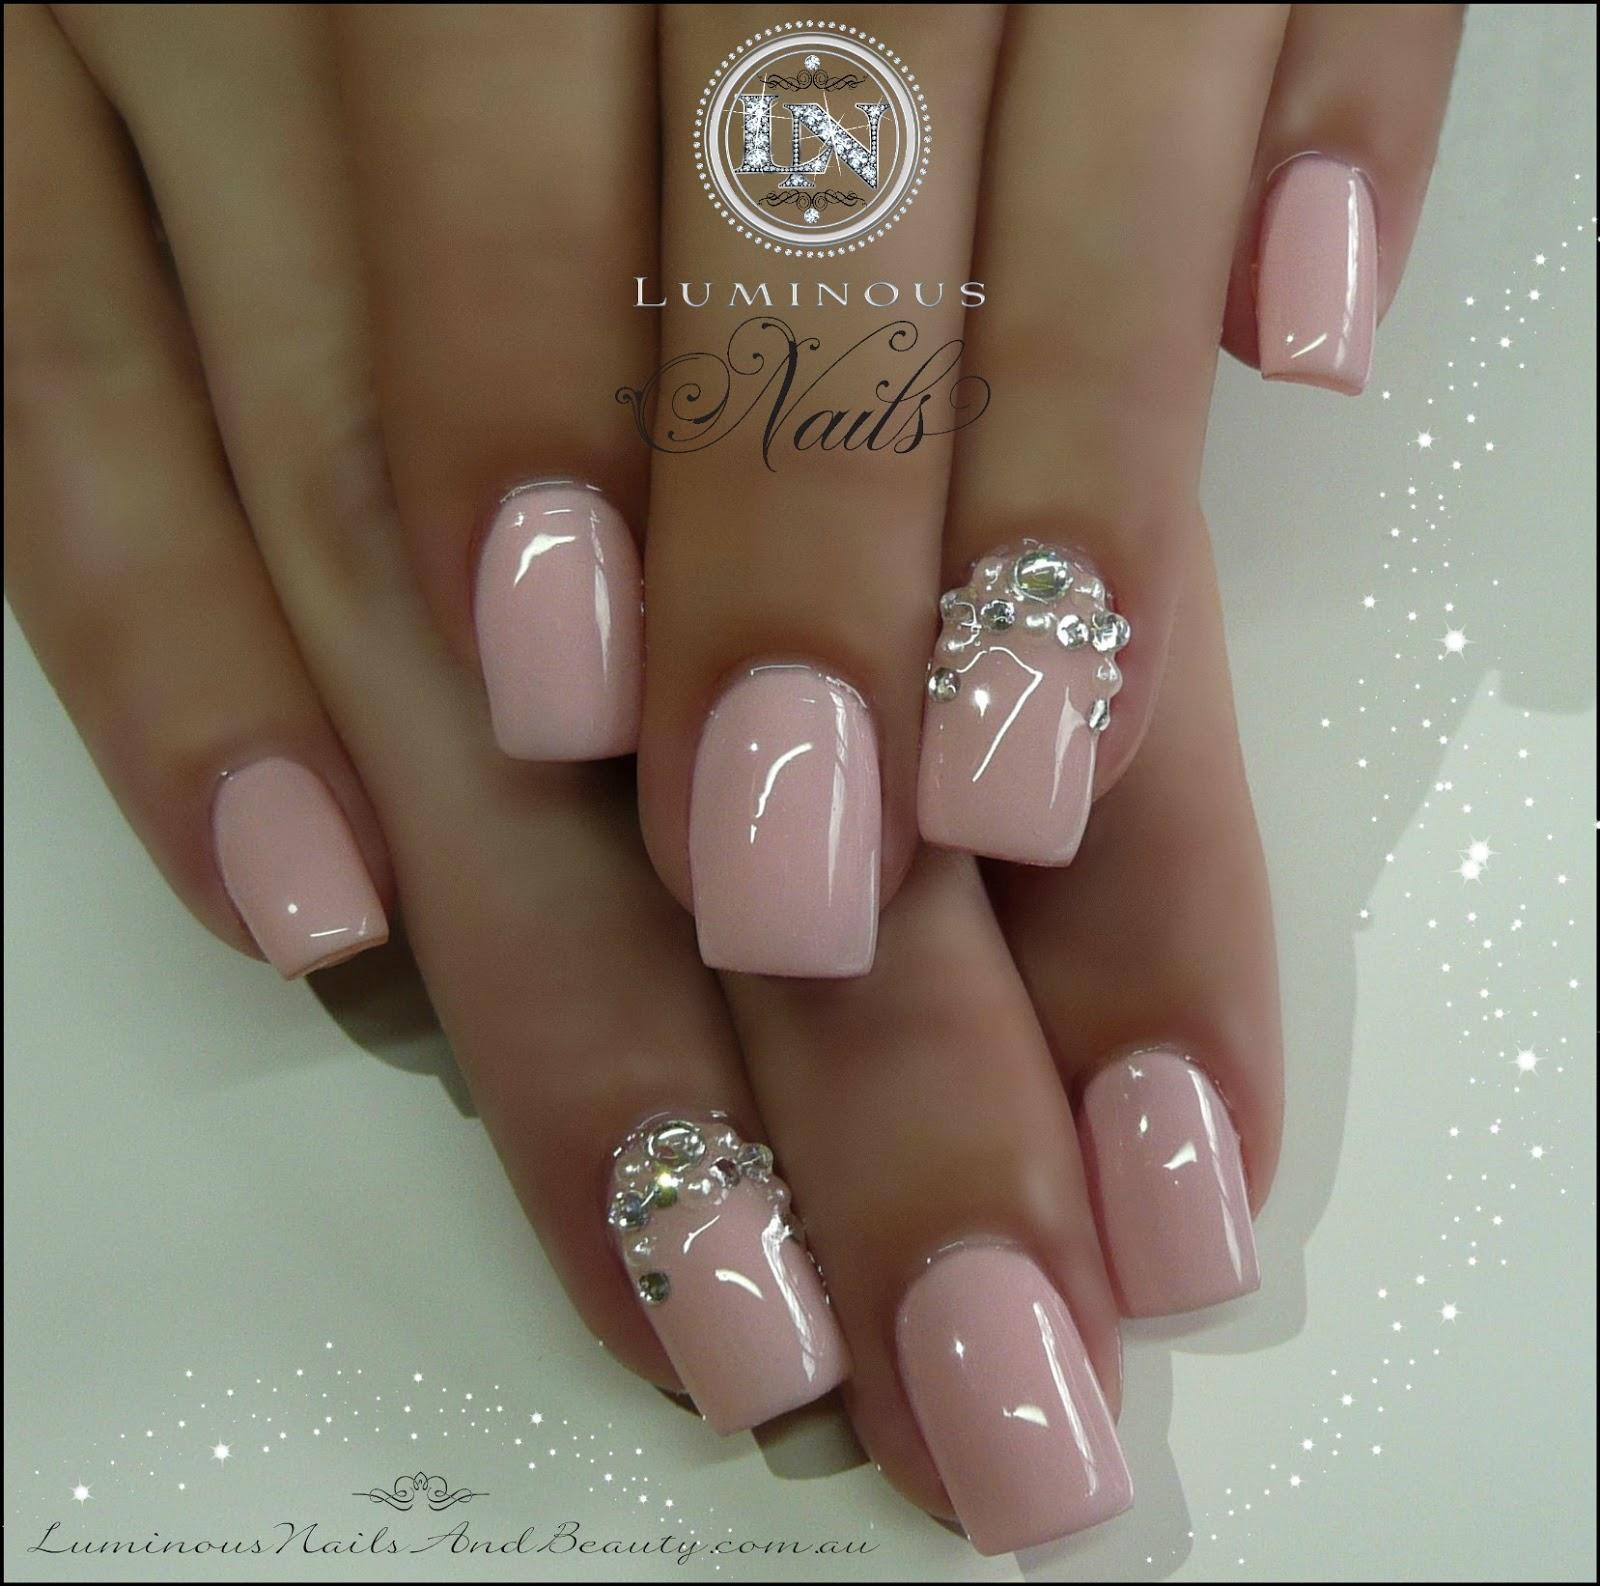 Luminous Nails: May 2013